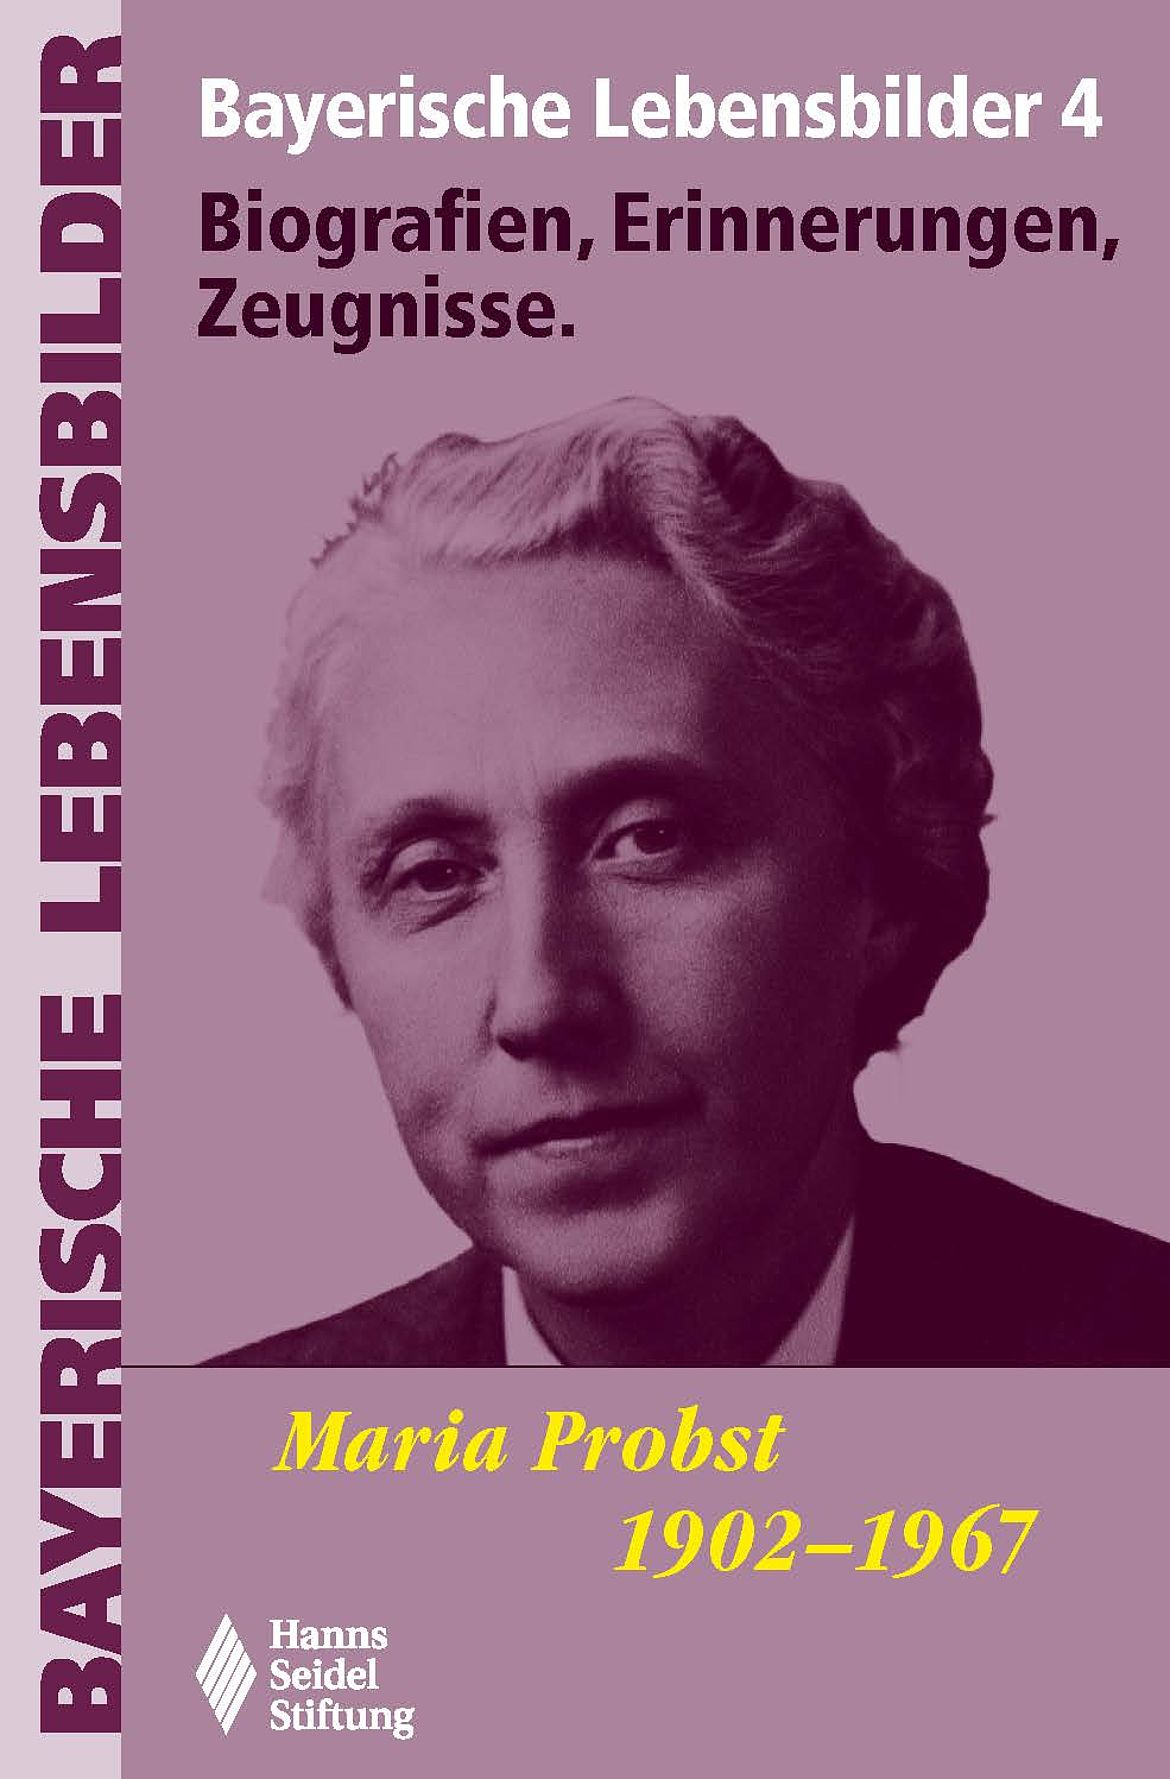 Bayerische Lebensbilder Band 4, Maria Probst 1902-1967